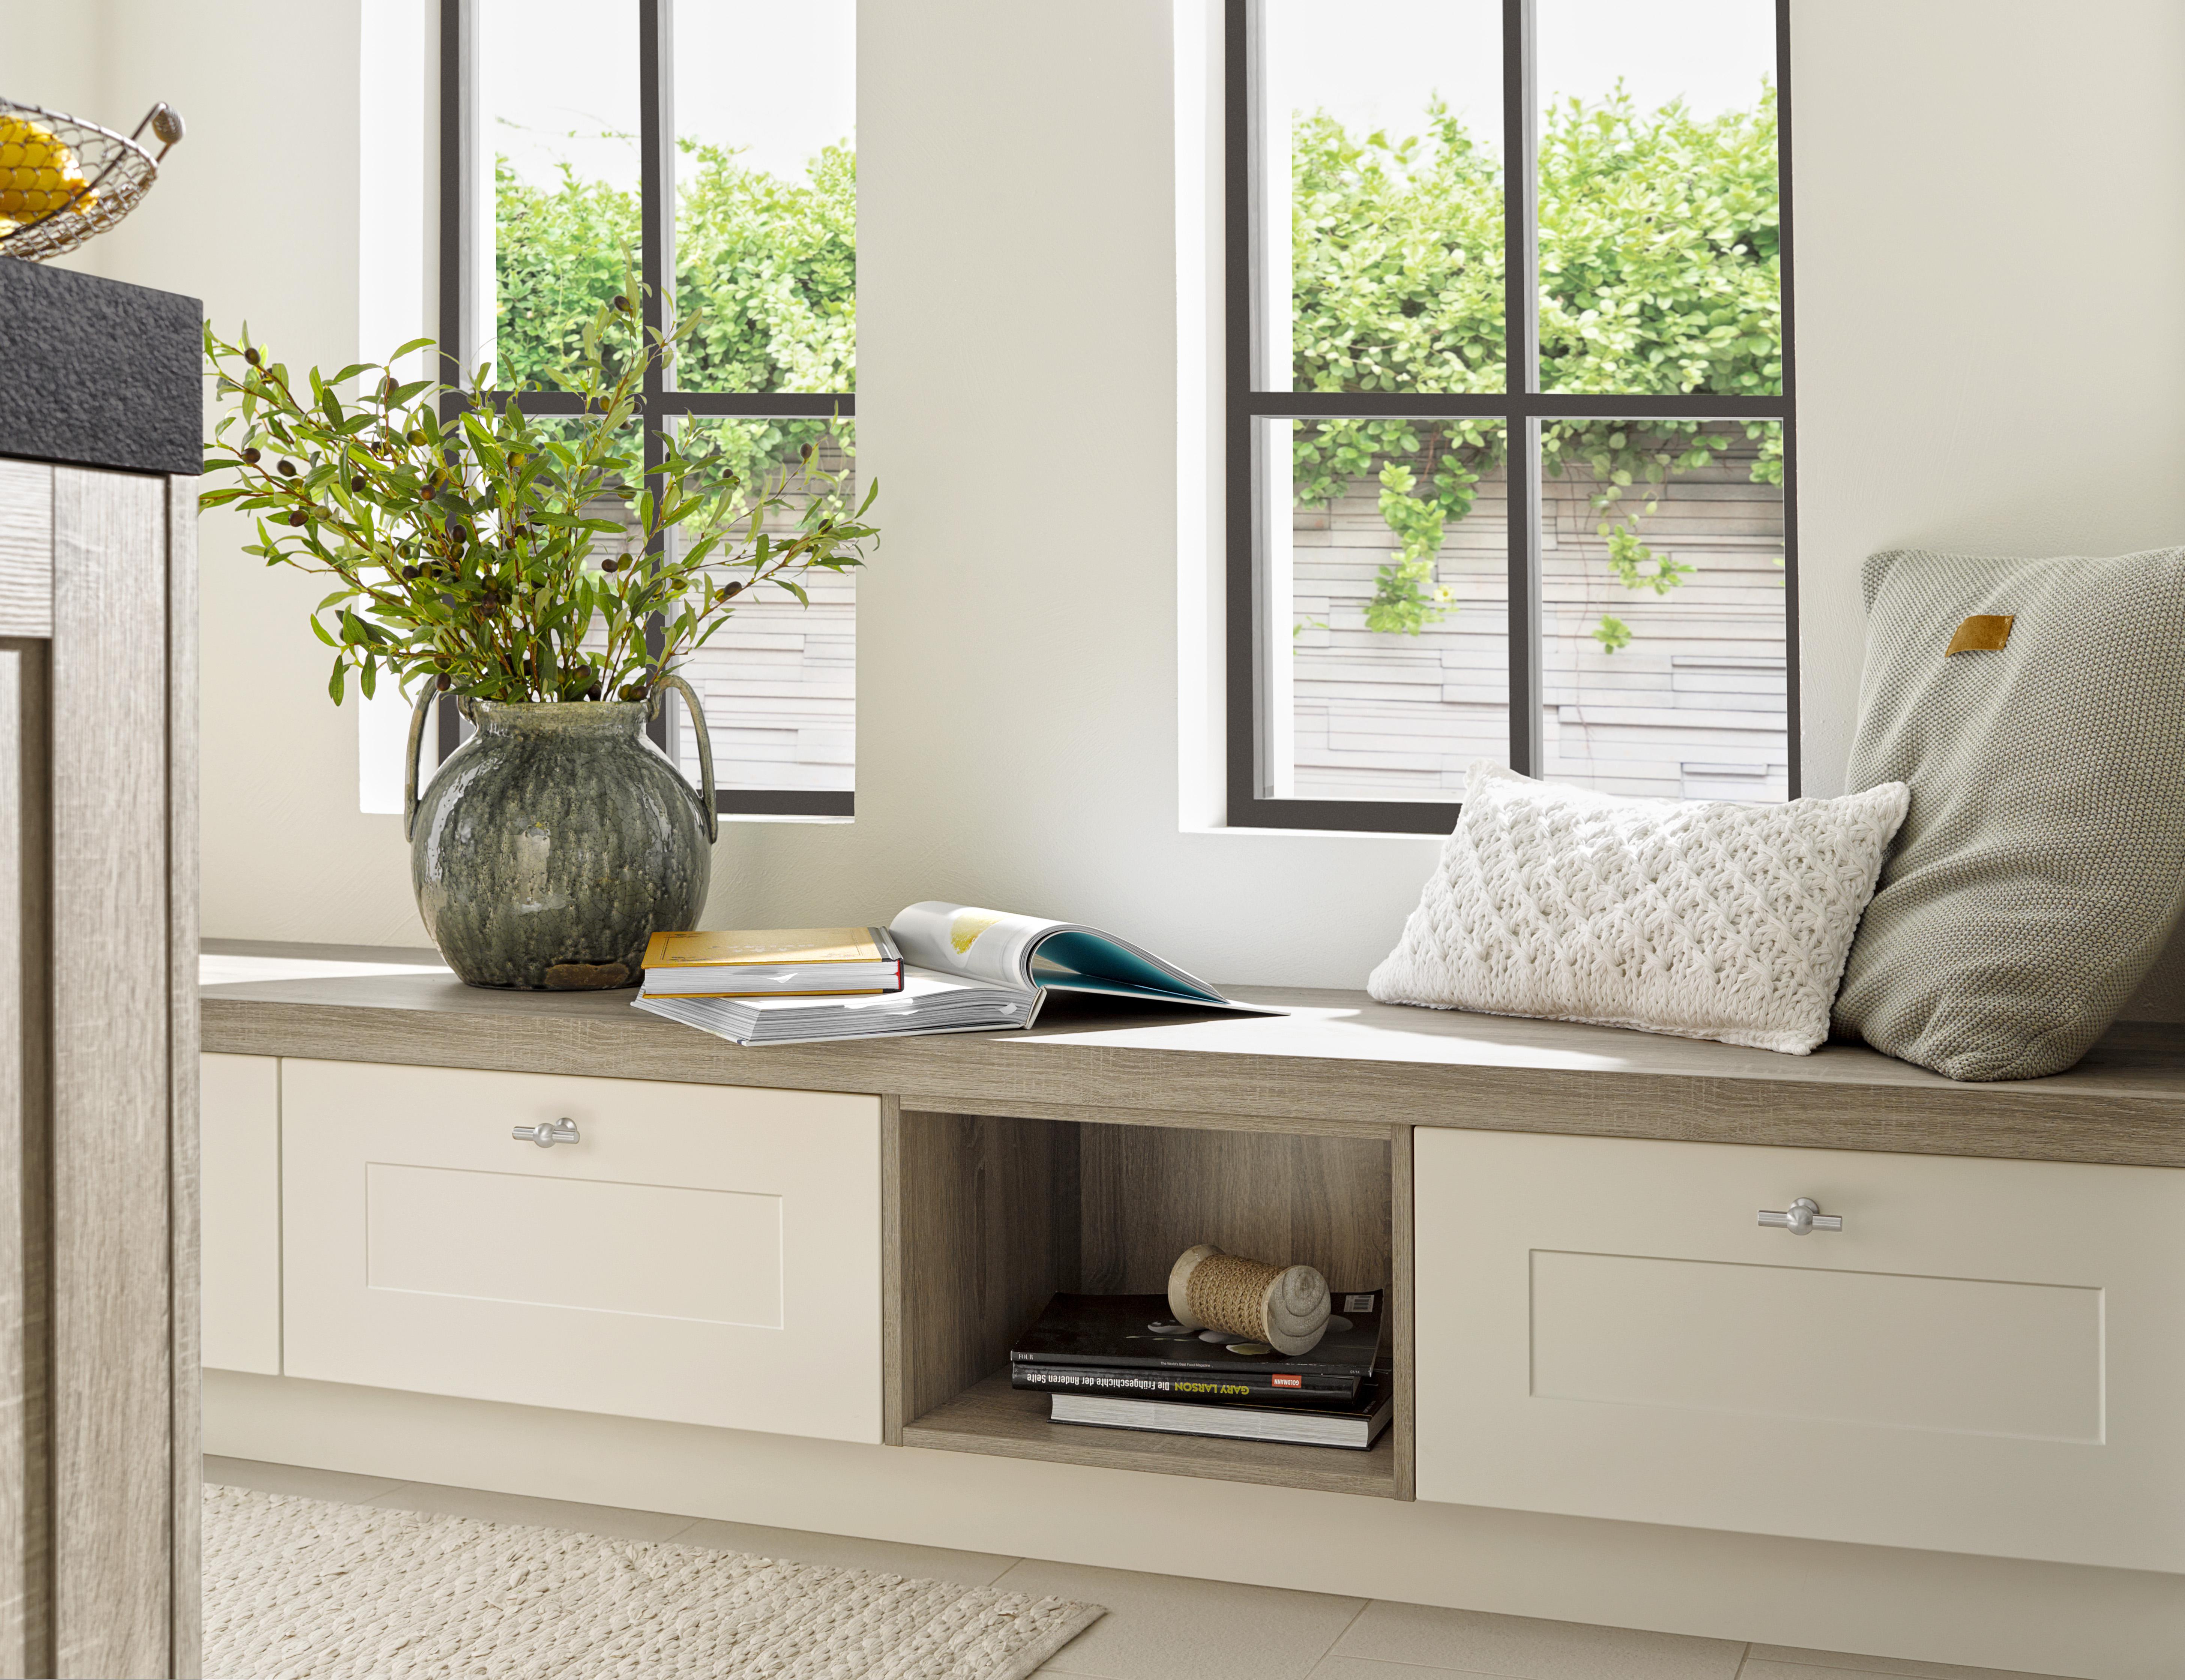 Buc t riile nolte design de calitate i spa iu multifunc ional - Nolte home studio ...